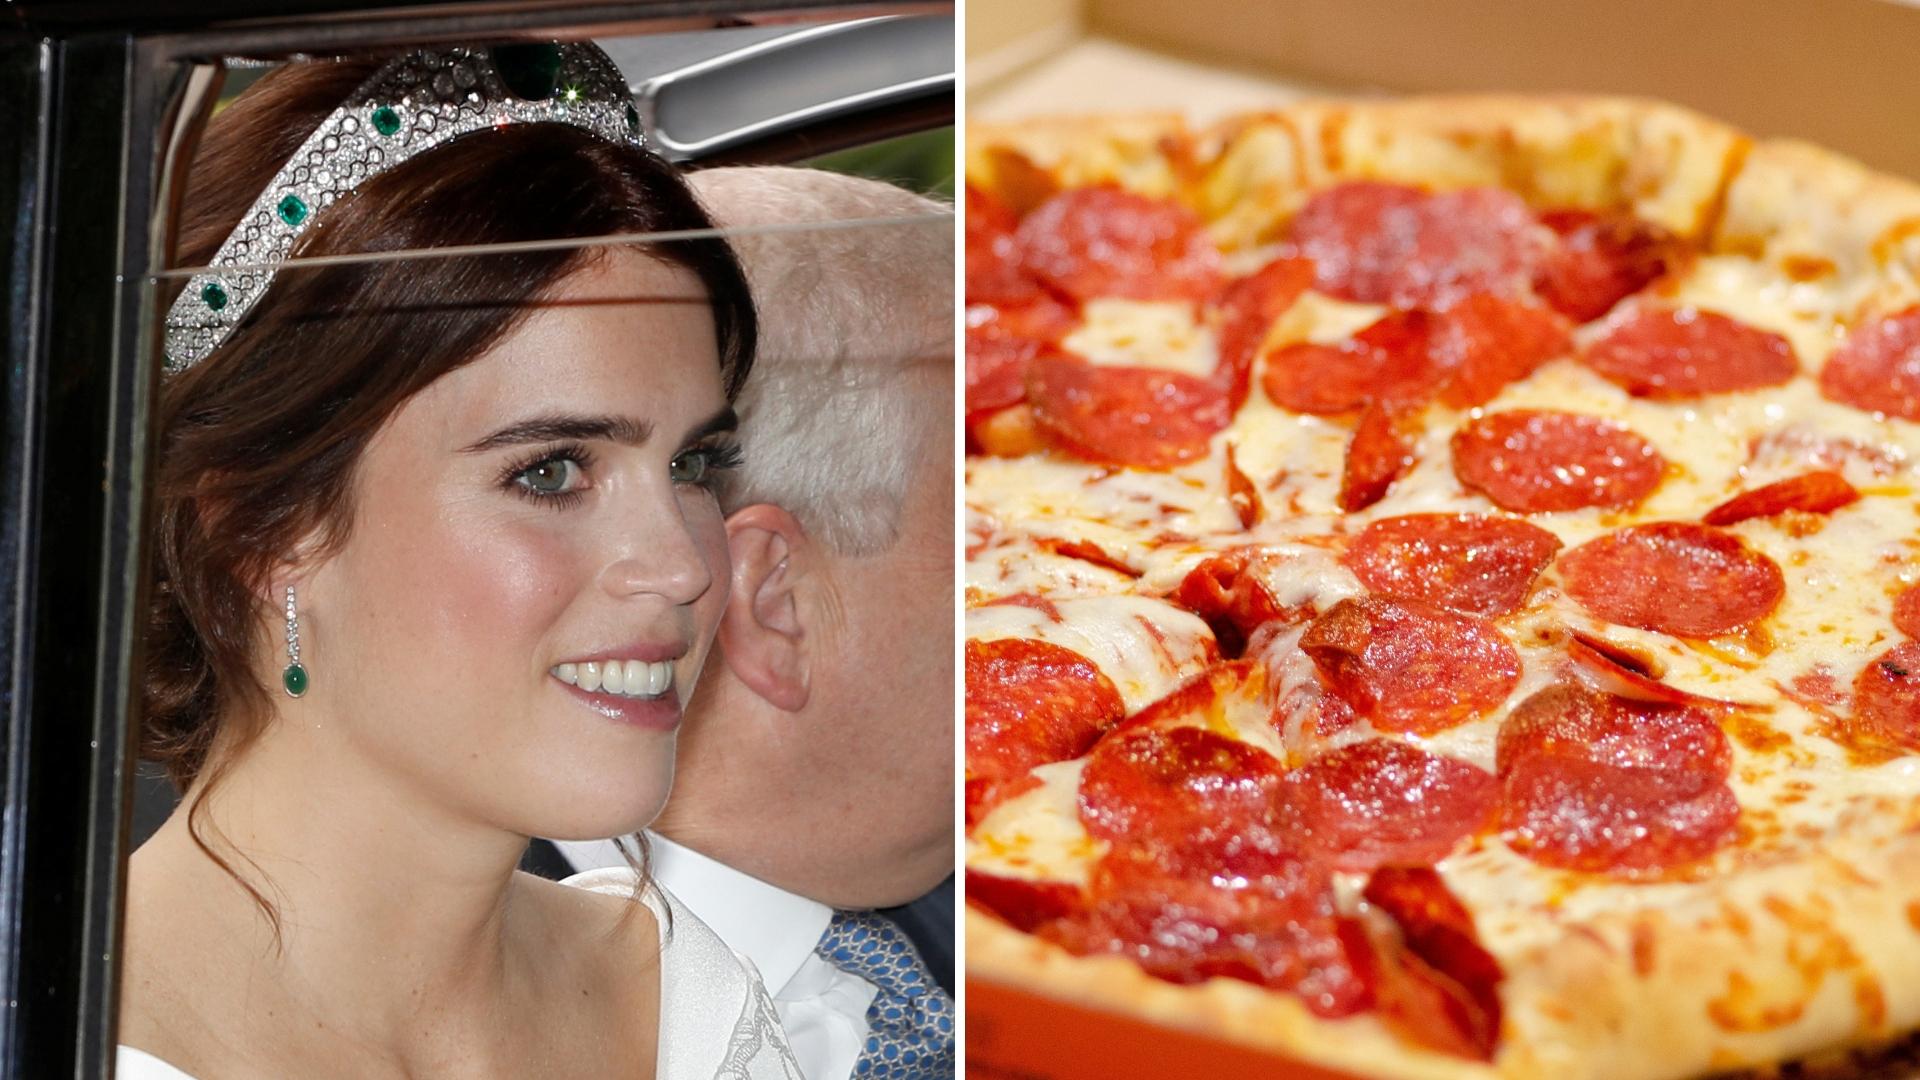 Goście księżniczki Eugenii dostali na obiad pizzę?! Mało wykwintna uczta